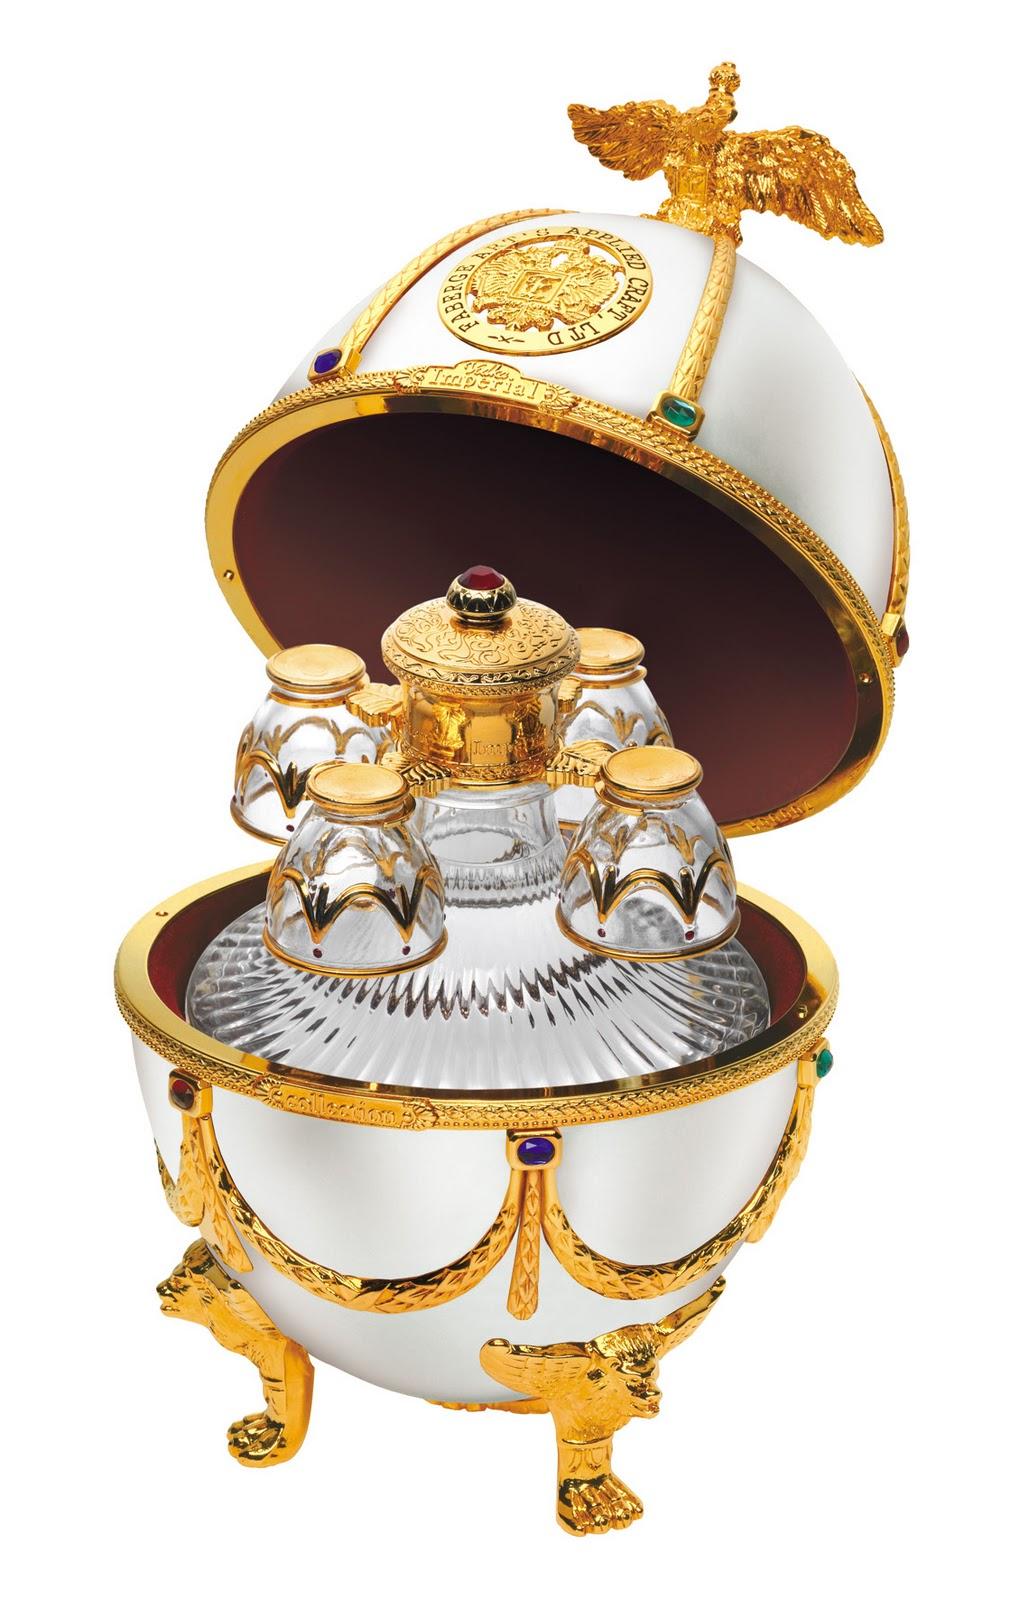 Фото: Водка из «Императорской коллекции Super Premium» в виде «Яйца Фаберже».